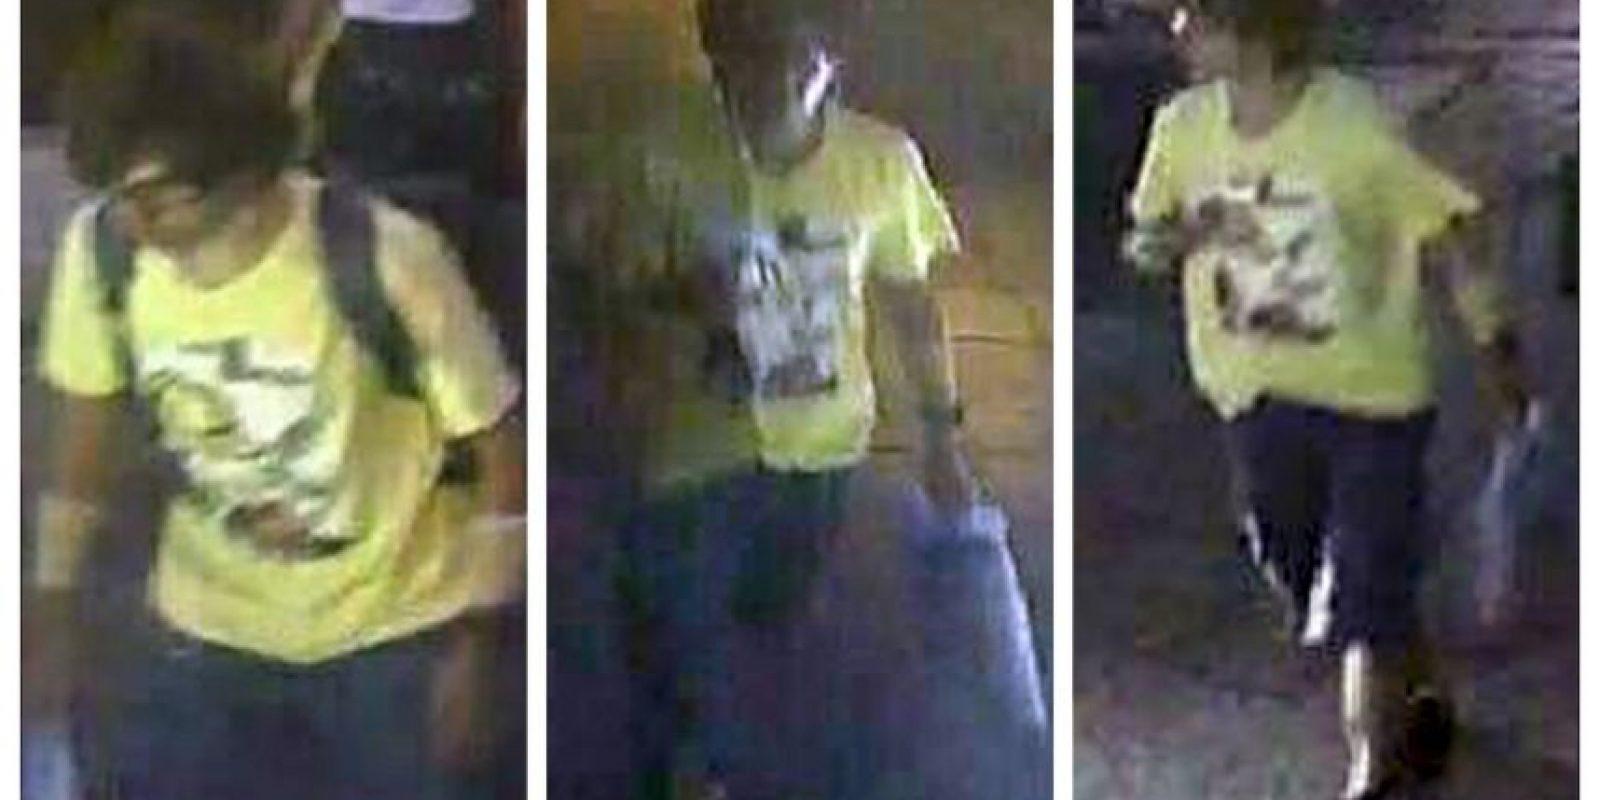 Imágenes del sospechoso, de quien no se conocen datos Foto:AP